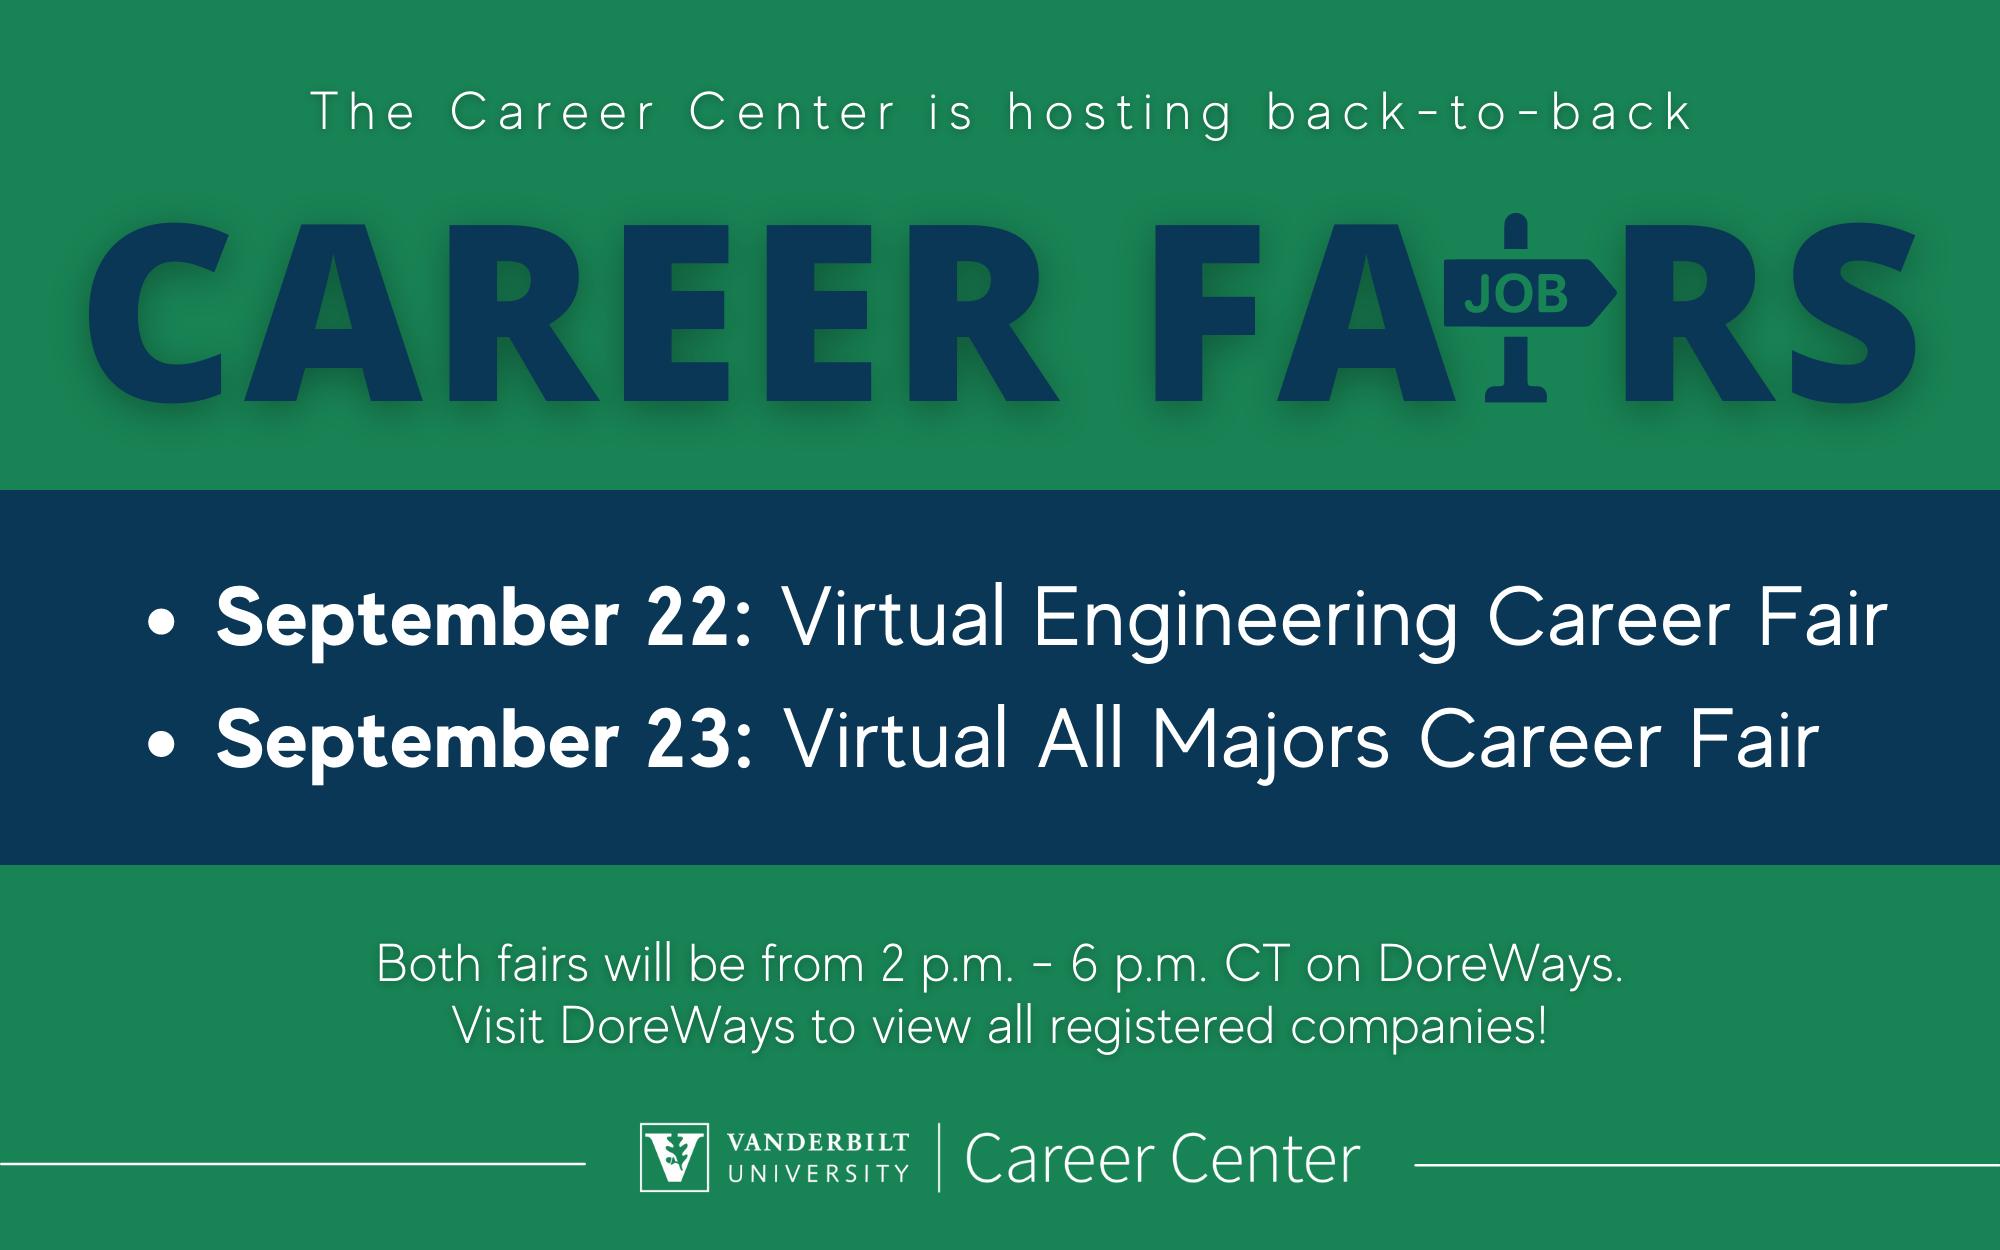 Career Center Career Fairs Ad